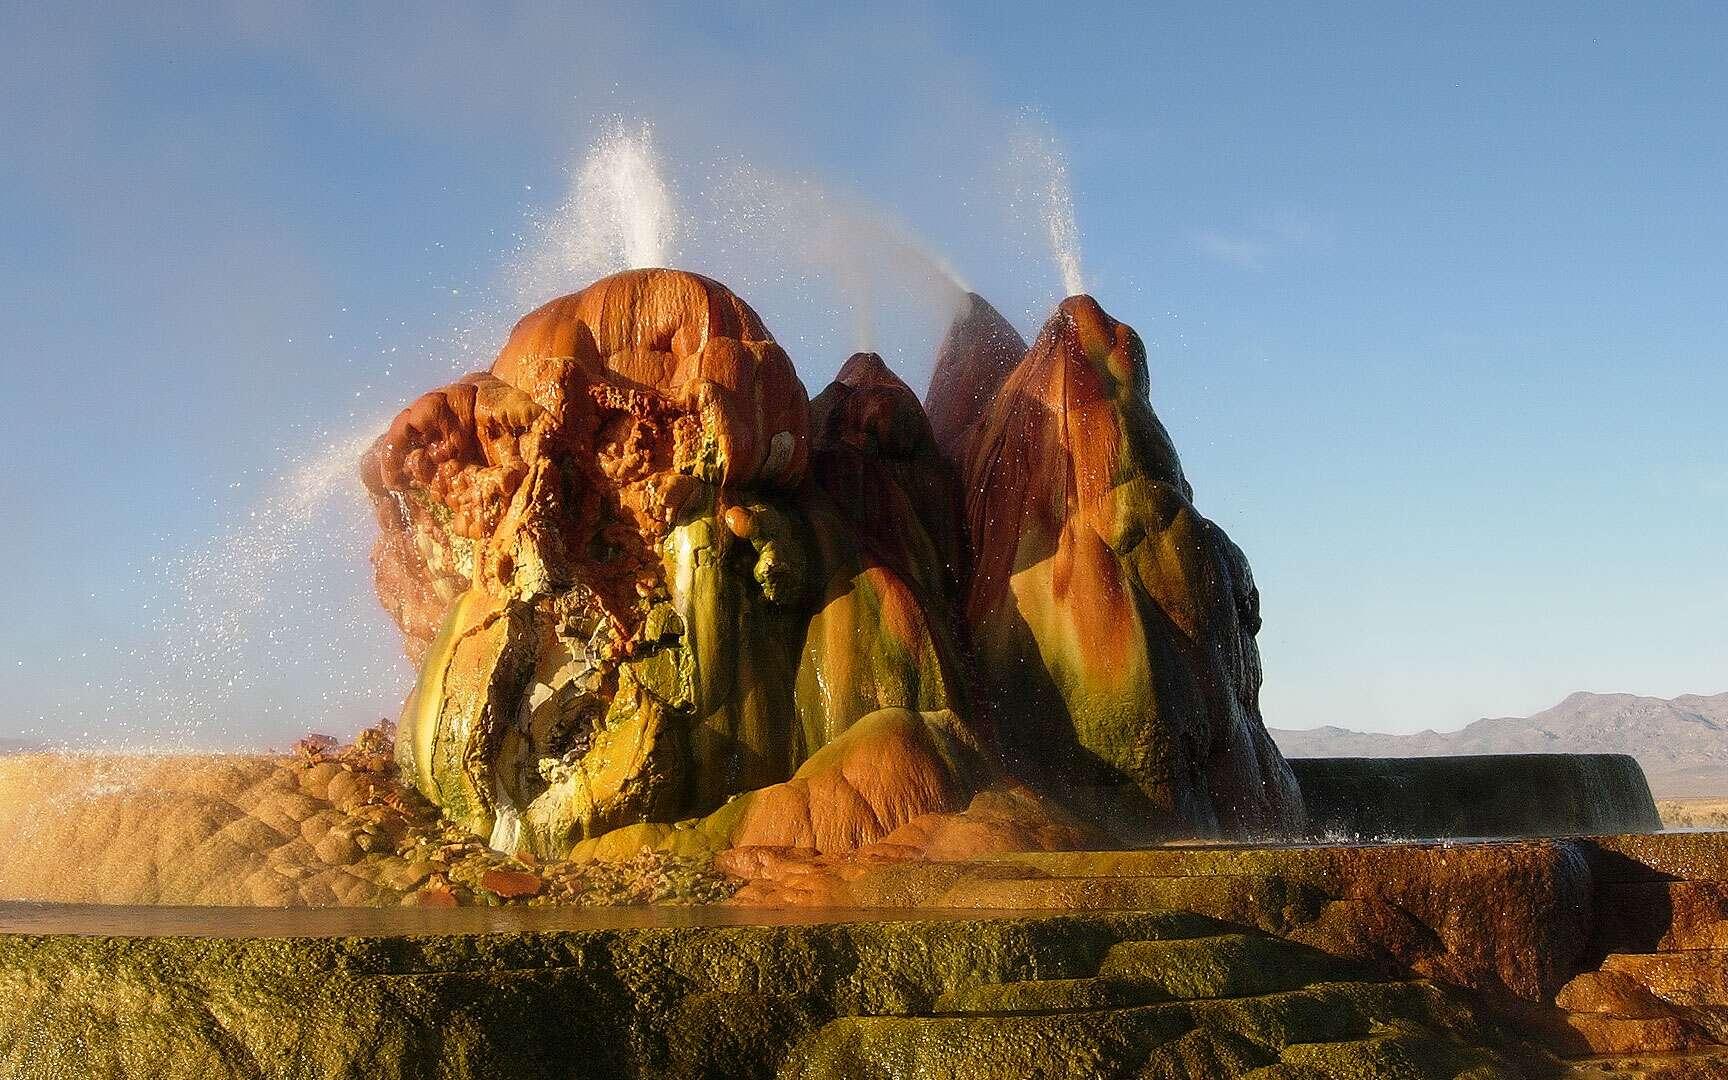 Le Fly Geyser dans le Nevada, aux États-Unis. Le Fly Geyser, aussi connu comme le Fly Ranch Geyser, se trouve dans le désert de Black Rock, au Nevada (États-Unis). Ce geyser n'est pas vraiment naturel. Il est apparu vers 1964 suite au forage d'un puits cinquante ans auparavant. Le puits n'ayant pas été correctement façonné, une source géothermique s'est infiltrée et les minéraux dissous se sont peu à peu empilés pour former ce monticule composé de trois cônes de couleur rouge-orange qui crachent de l'eau en permanence. © Ken Lund, CC by-sa 2.0